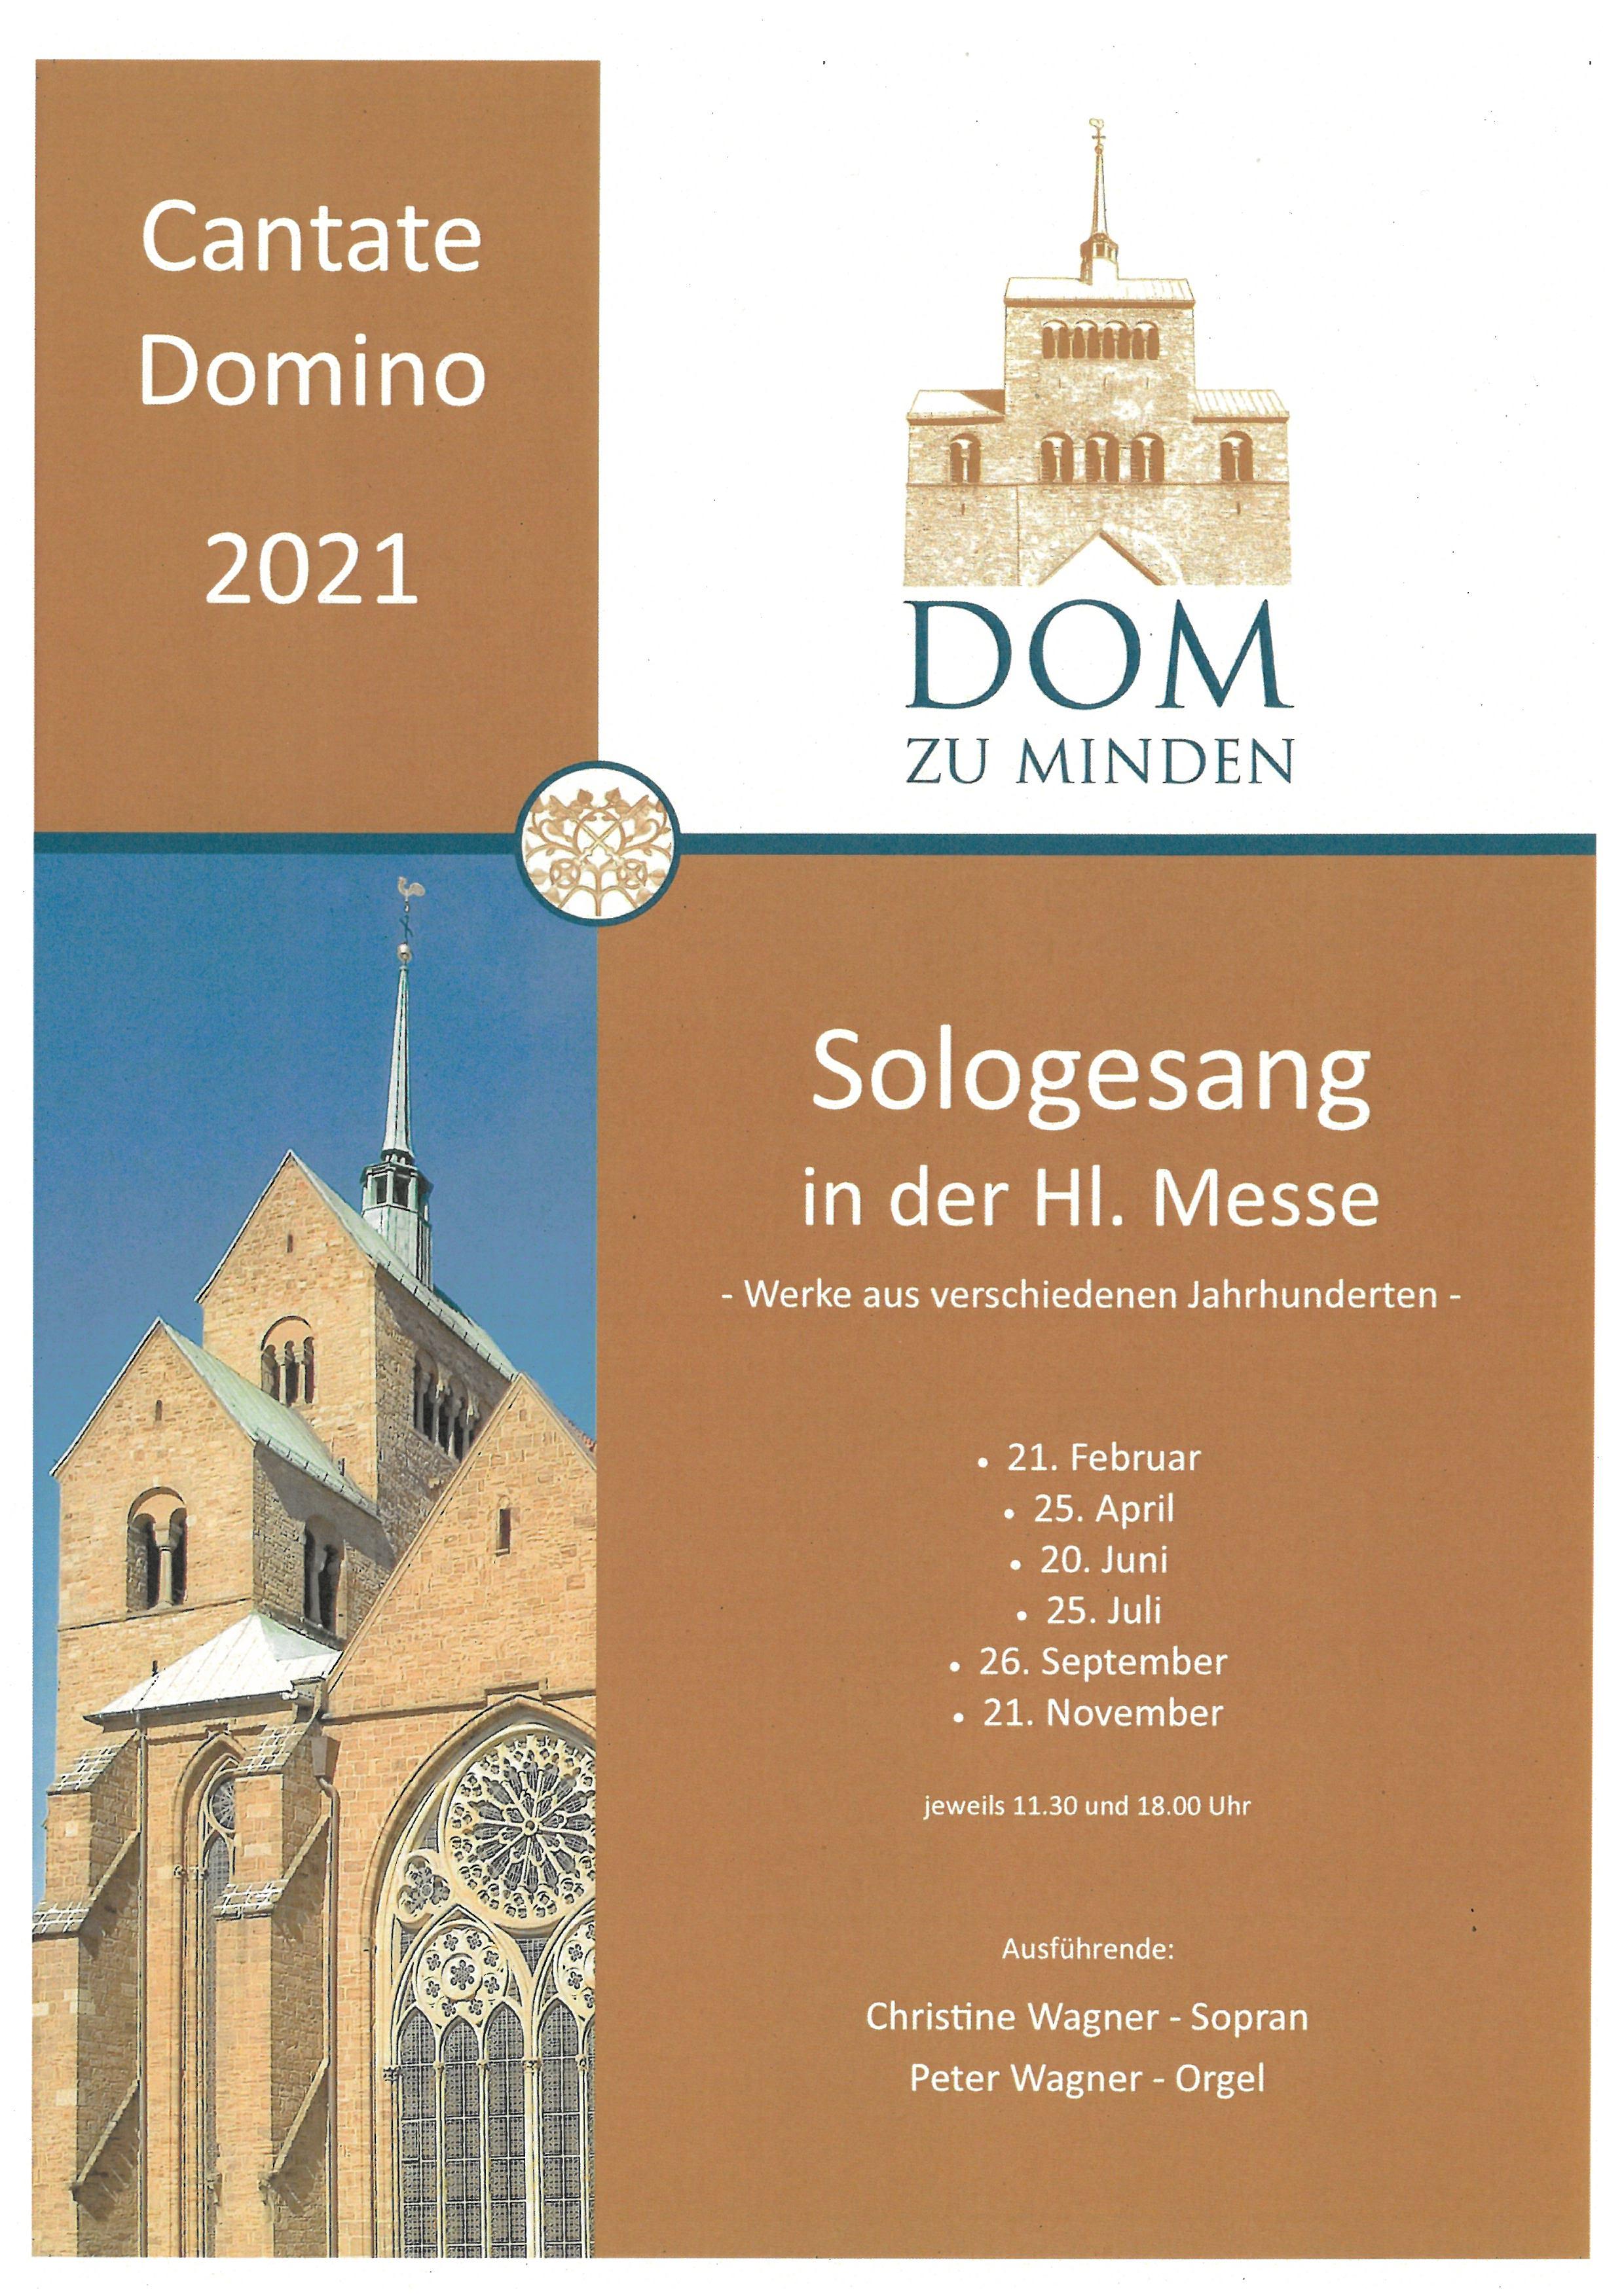 Cantate Domino 2021